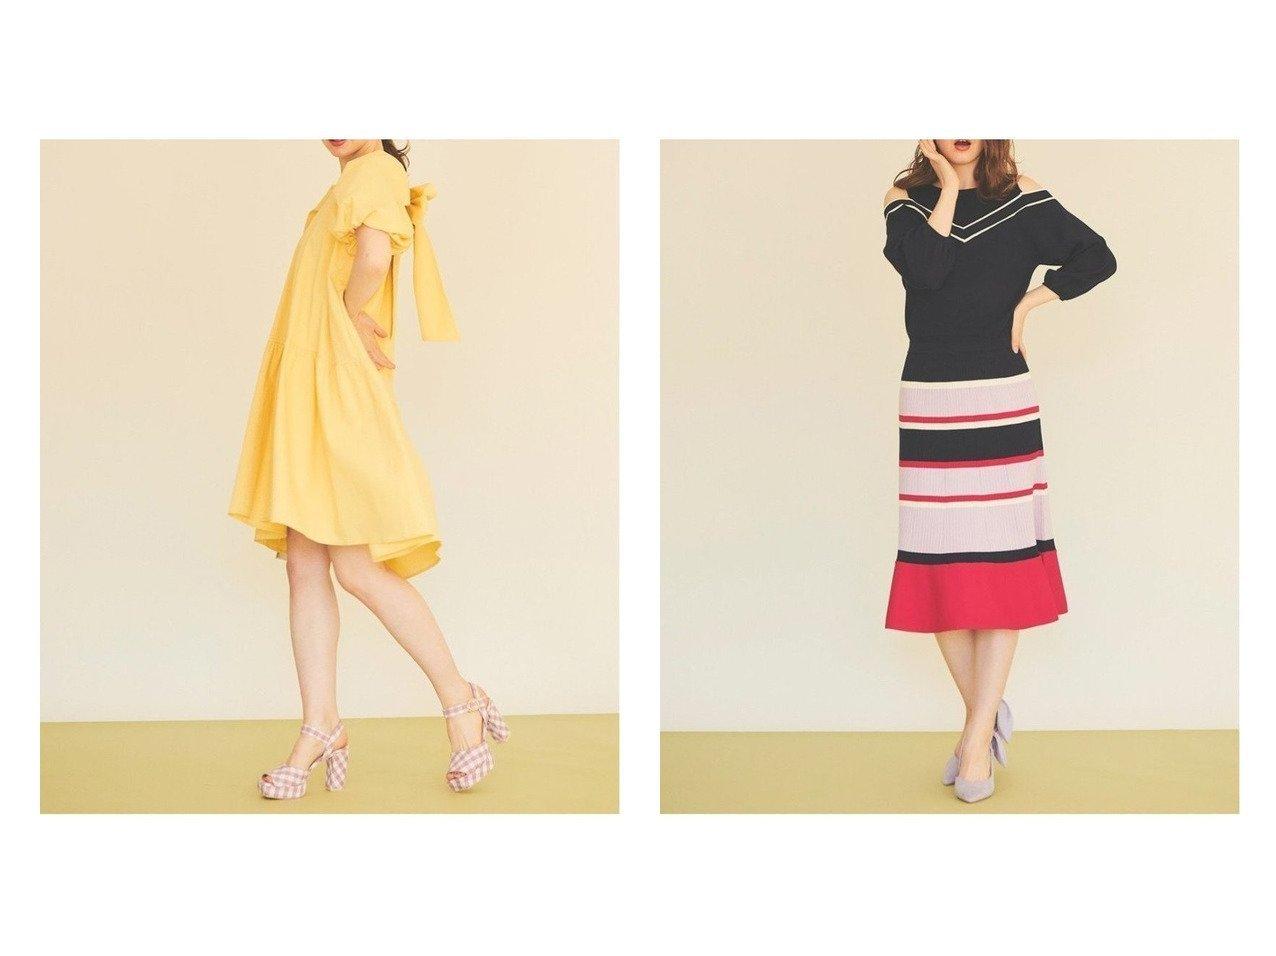 【31 Sons de mode/トランテアン ソン ドゥ モード】のシアサッカーバックリボンワンピース&パネルボーダー肩開ニットフレアワンピース ワンピース・ドレスのおすすめ!人気、トレンド・レディースファッションの通販 おすすめで人気の流行・トレンド、ファッションの通販商品 メンズファッション・キッズファッション・インテリア・家具・レディースファッション・服の通販 founy(ファニー) https://founy.com/ ファッション Fashion レディースファッション WOMEN ワンピース Dress NEW・新作・新着・新入荷 New Arrivals 2021年 2021 2021 春夏 S/S SS Spring/Summer 2021 S/S 春夏 SS Spring/Summer サッカー スリーブ リボン 半袖  ID:crp329100000011959